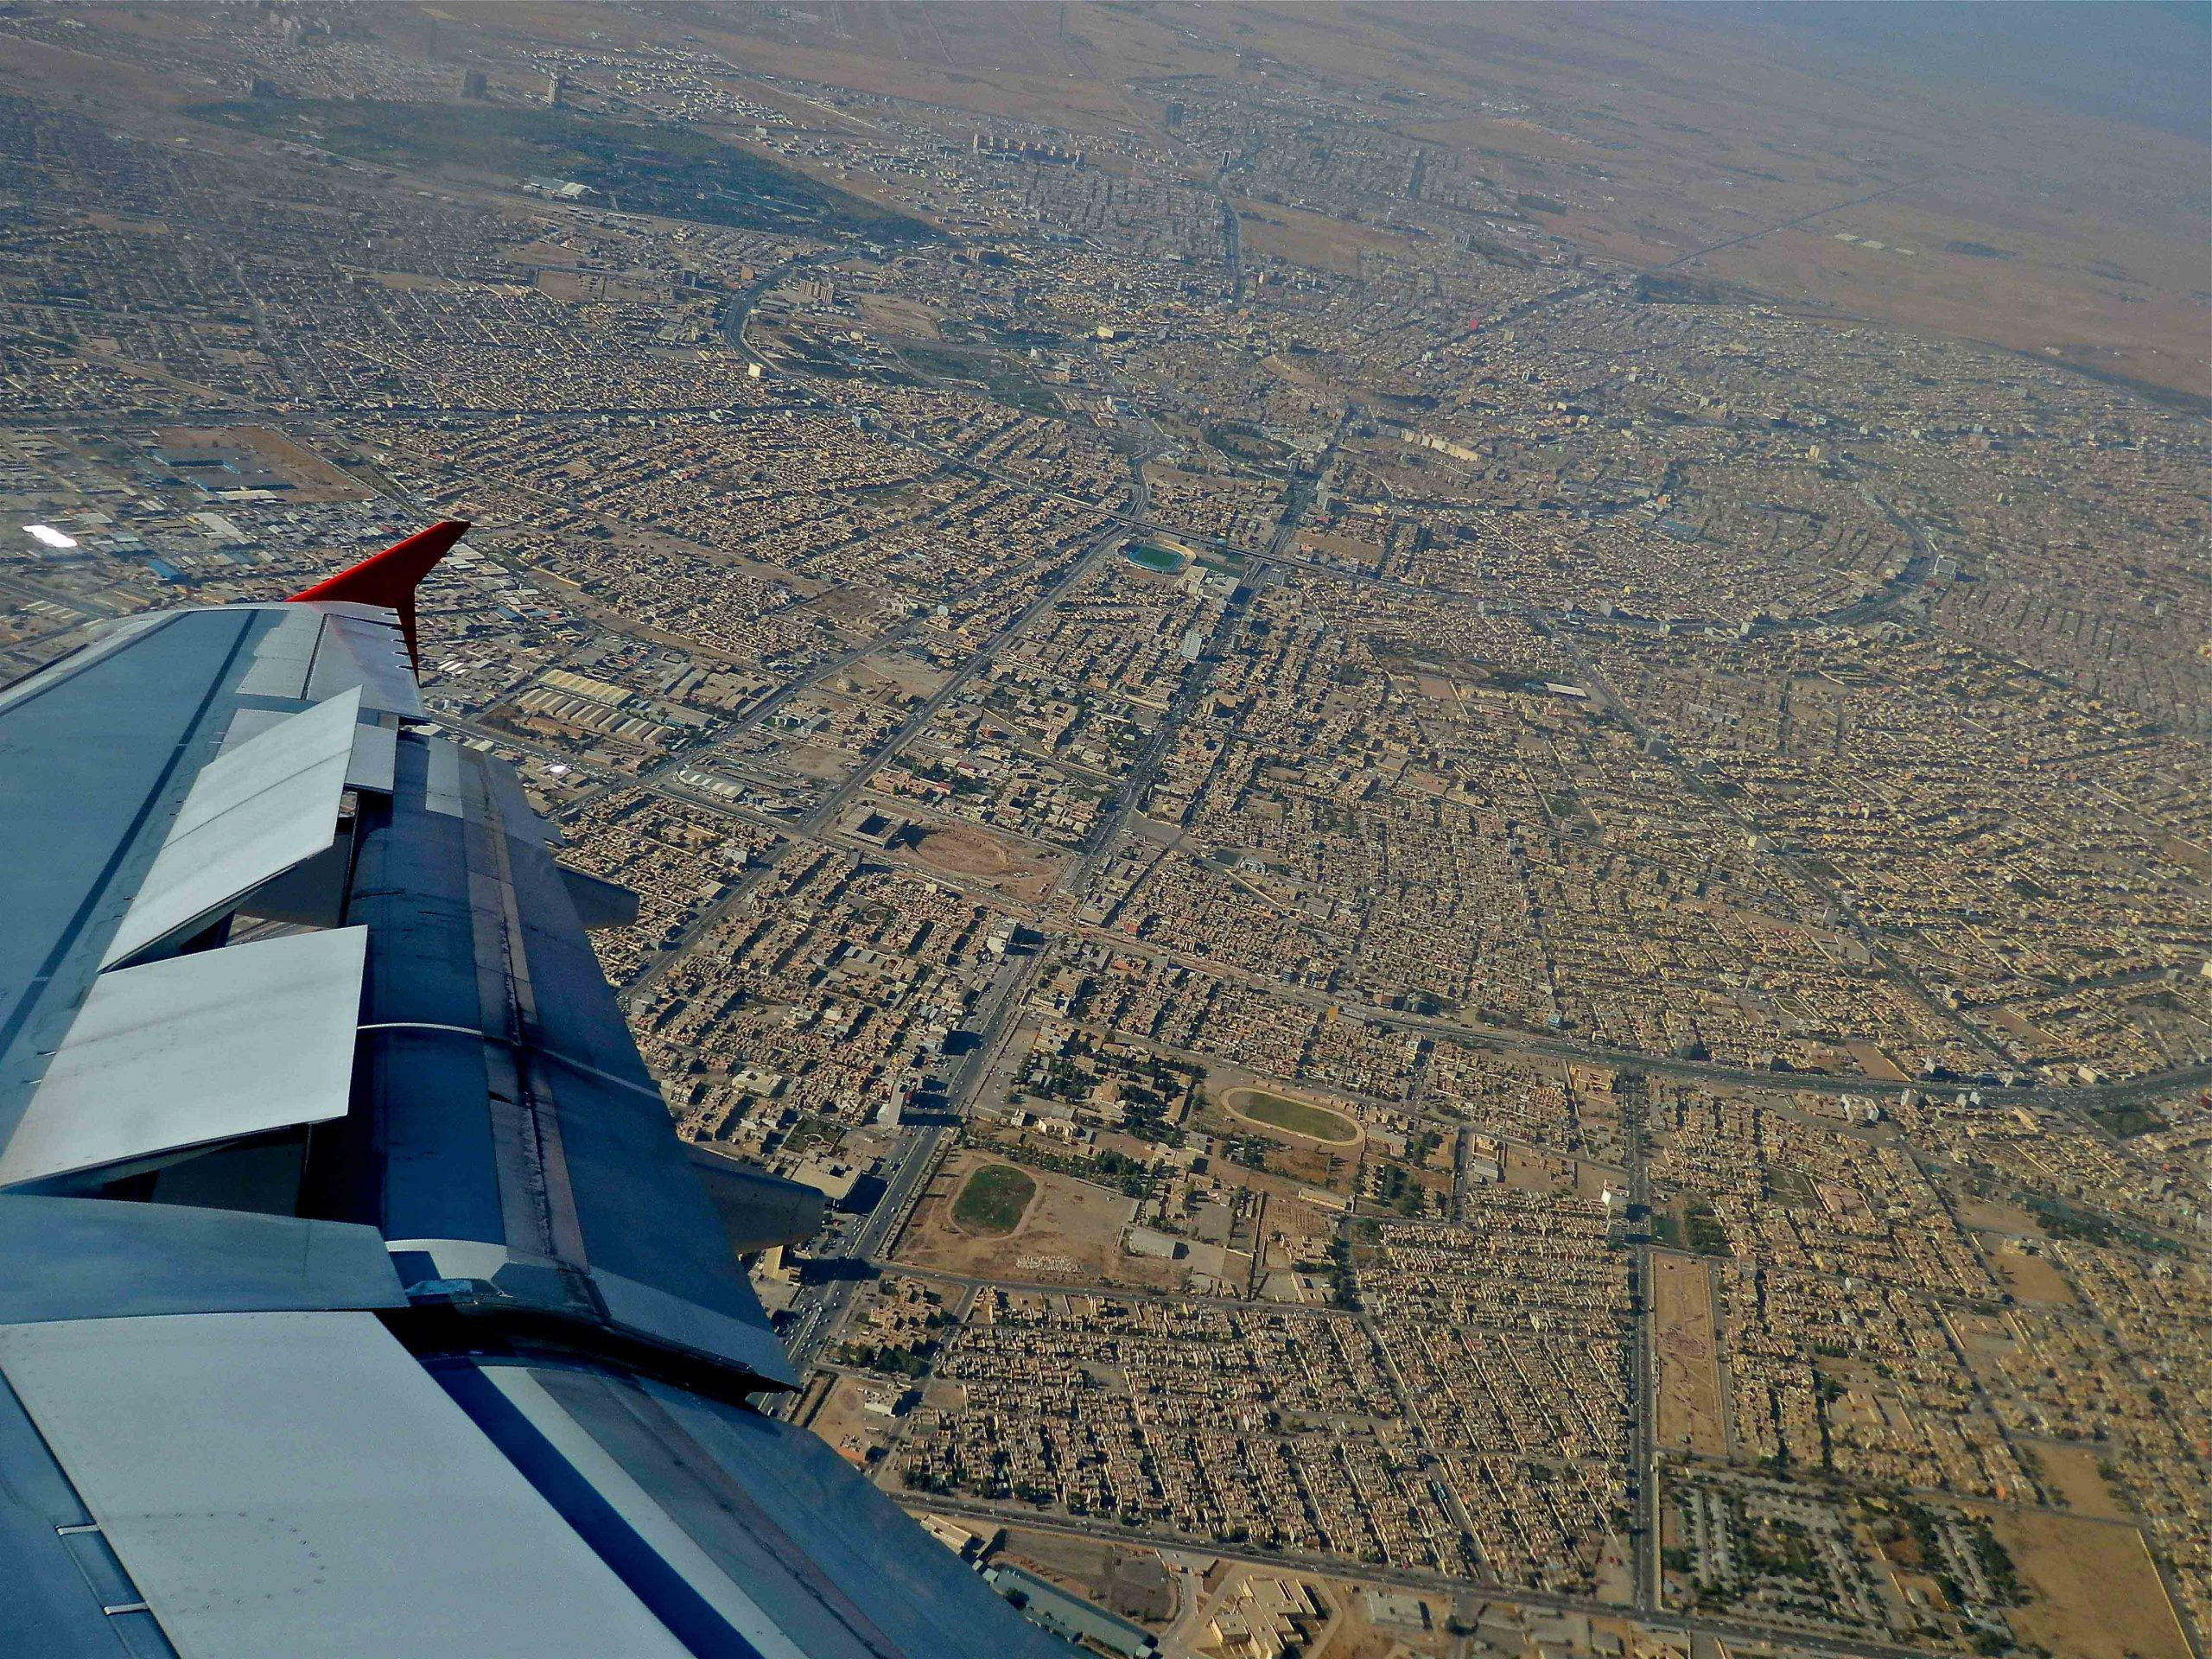 ERBIL, NORTHERN IRAQ